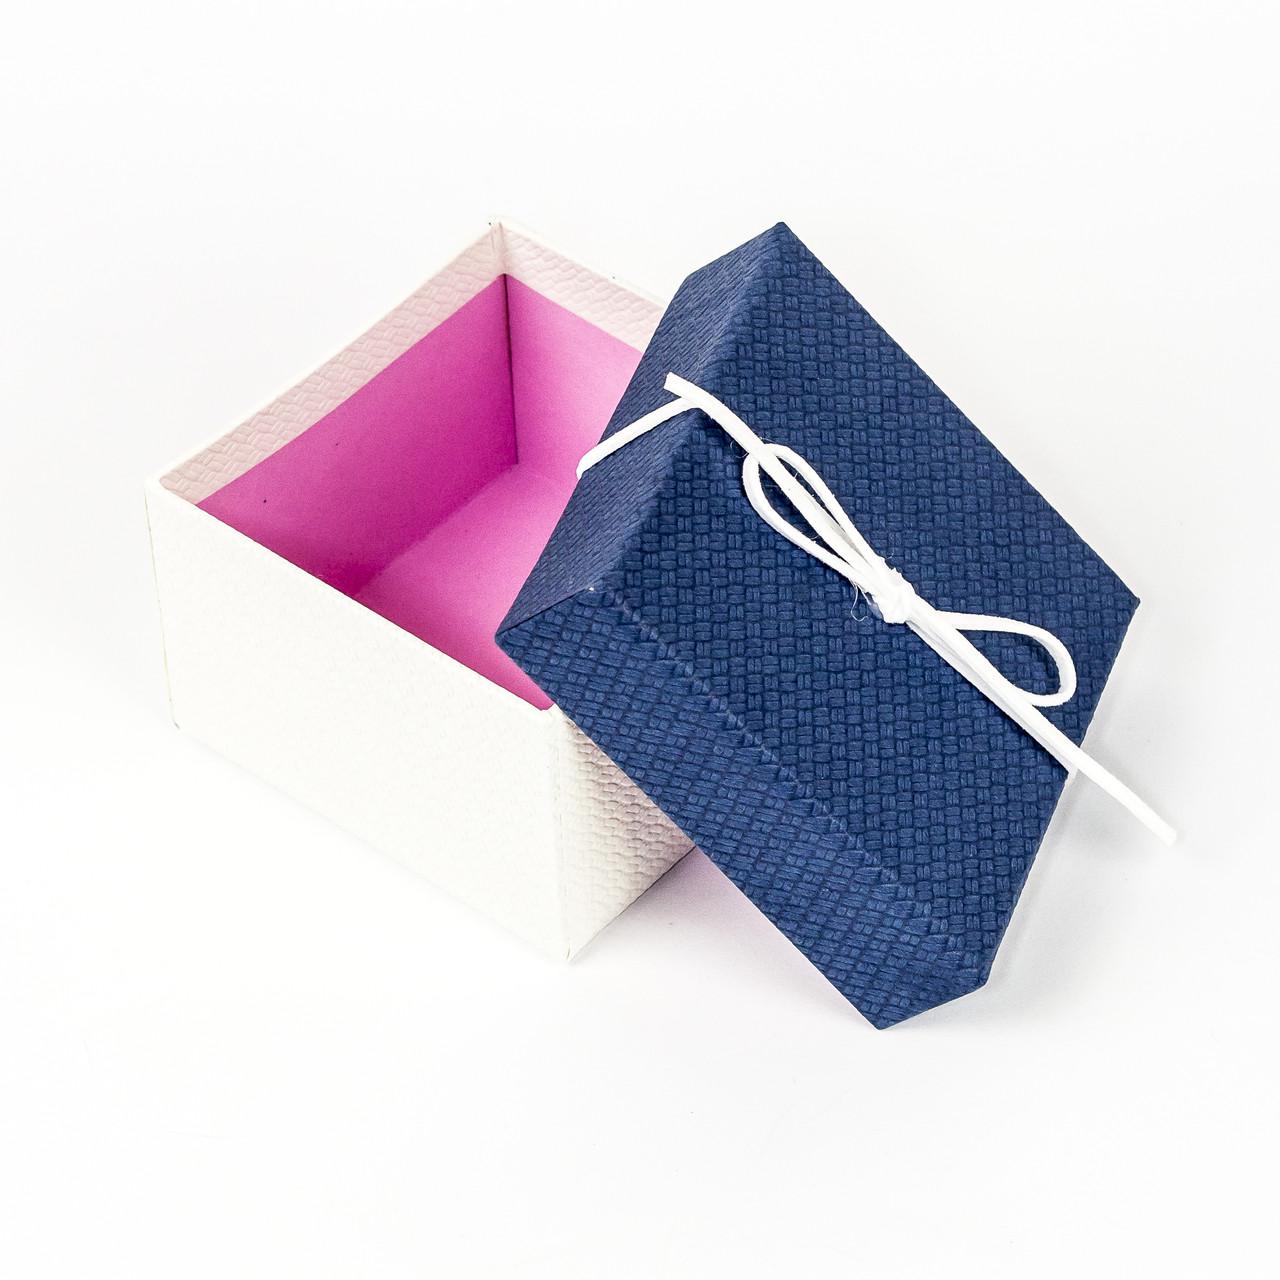 Подарочная коробка под бижутерию синяя с белым бантиком 9 x 9 x 5,8 см